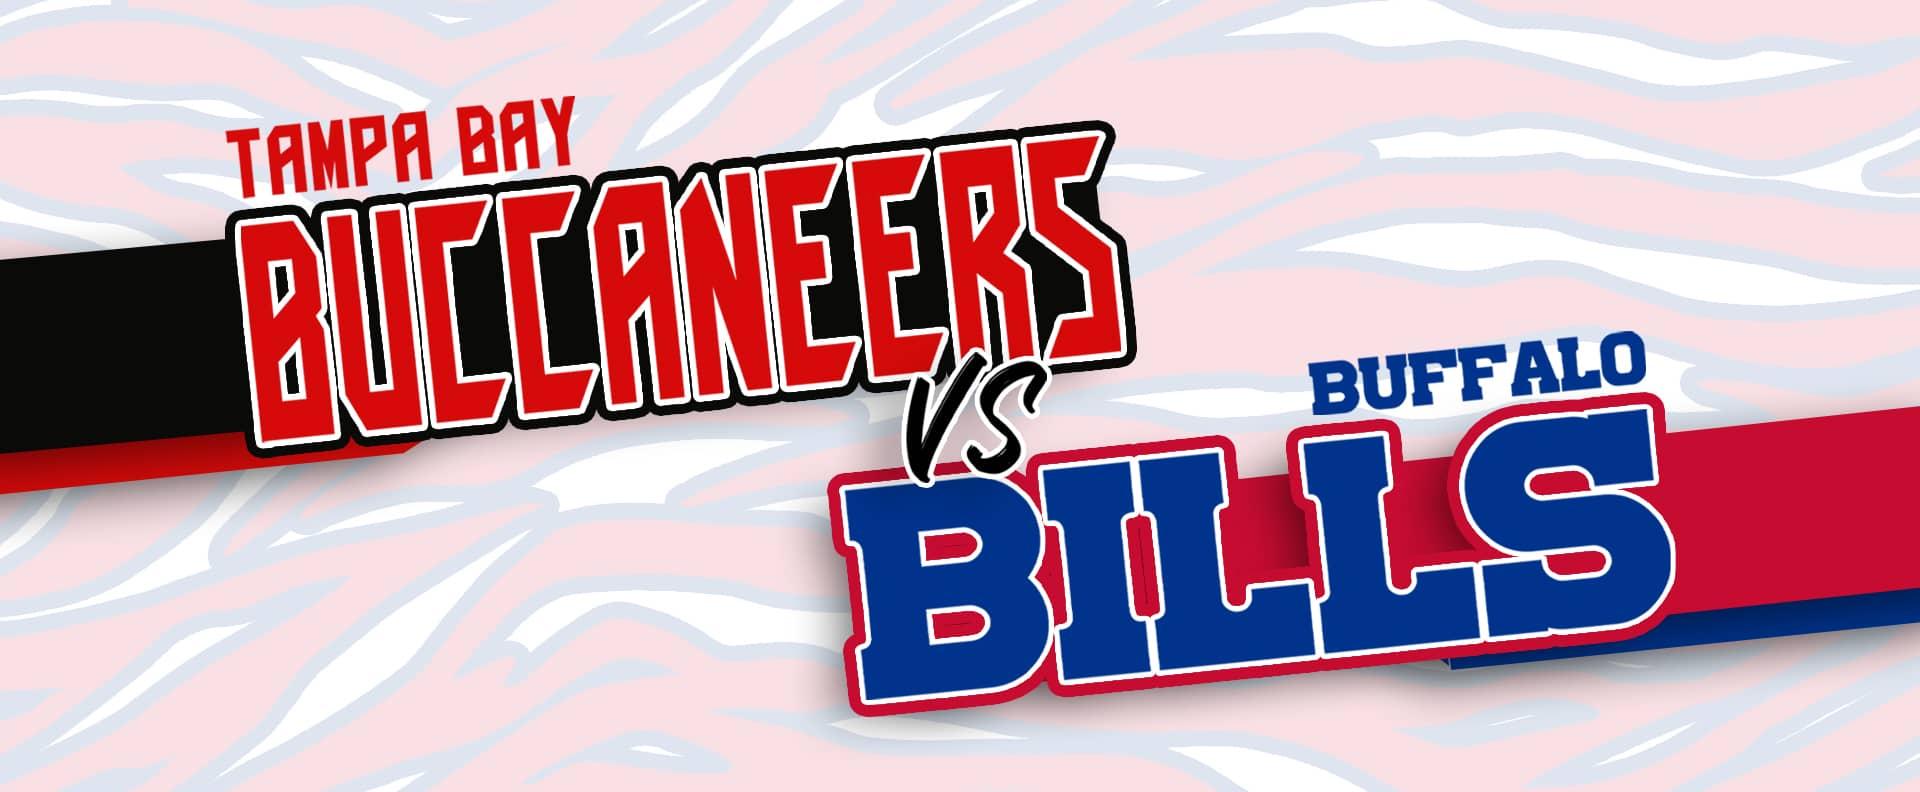 Buffalo Bills take on the Tampa Bay Buccaneers!